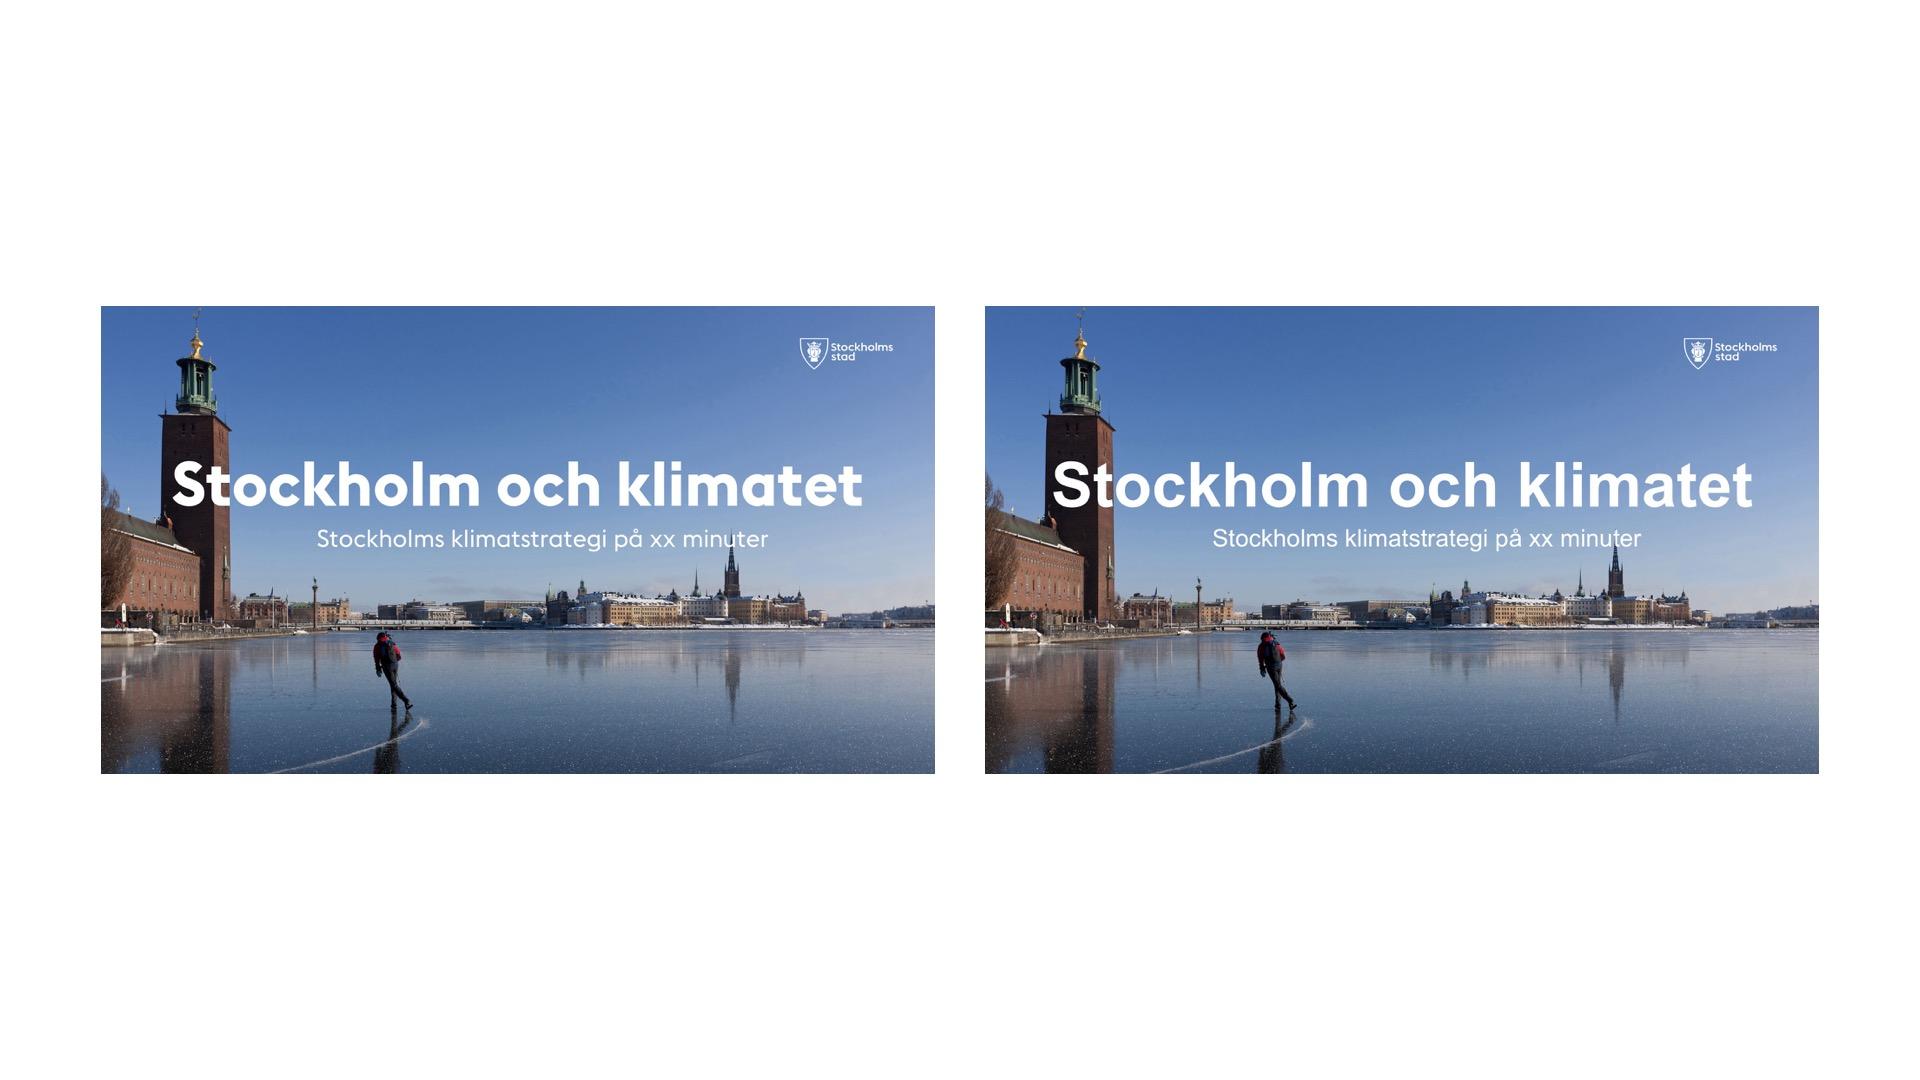 Två bilder som visar presentationens förstasida i två olika typsnitt